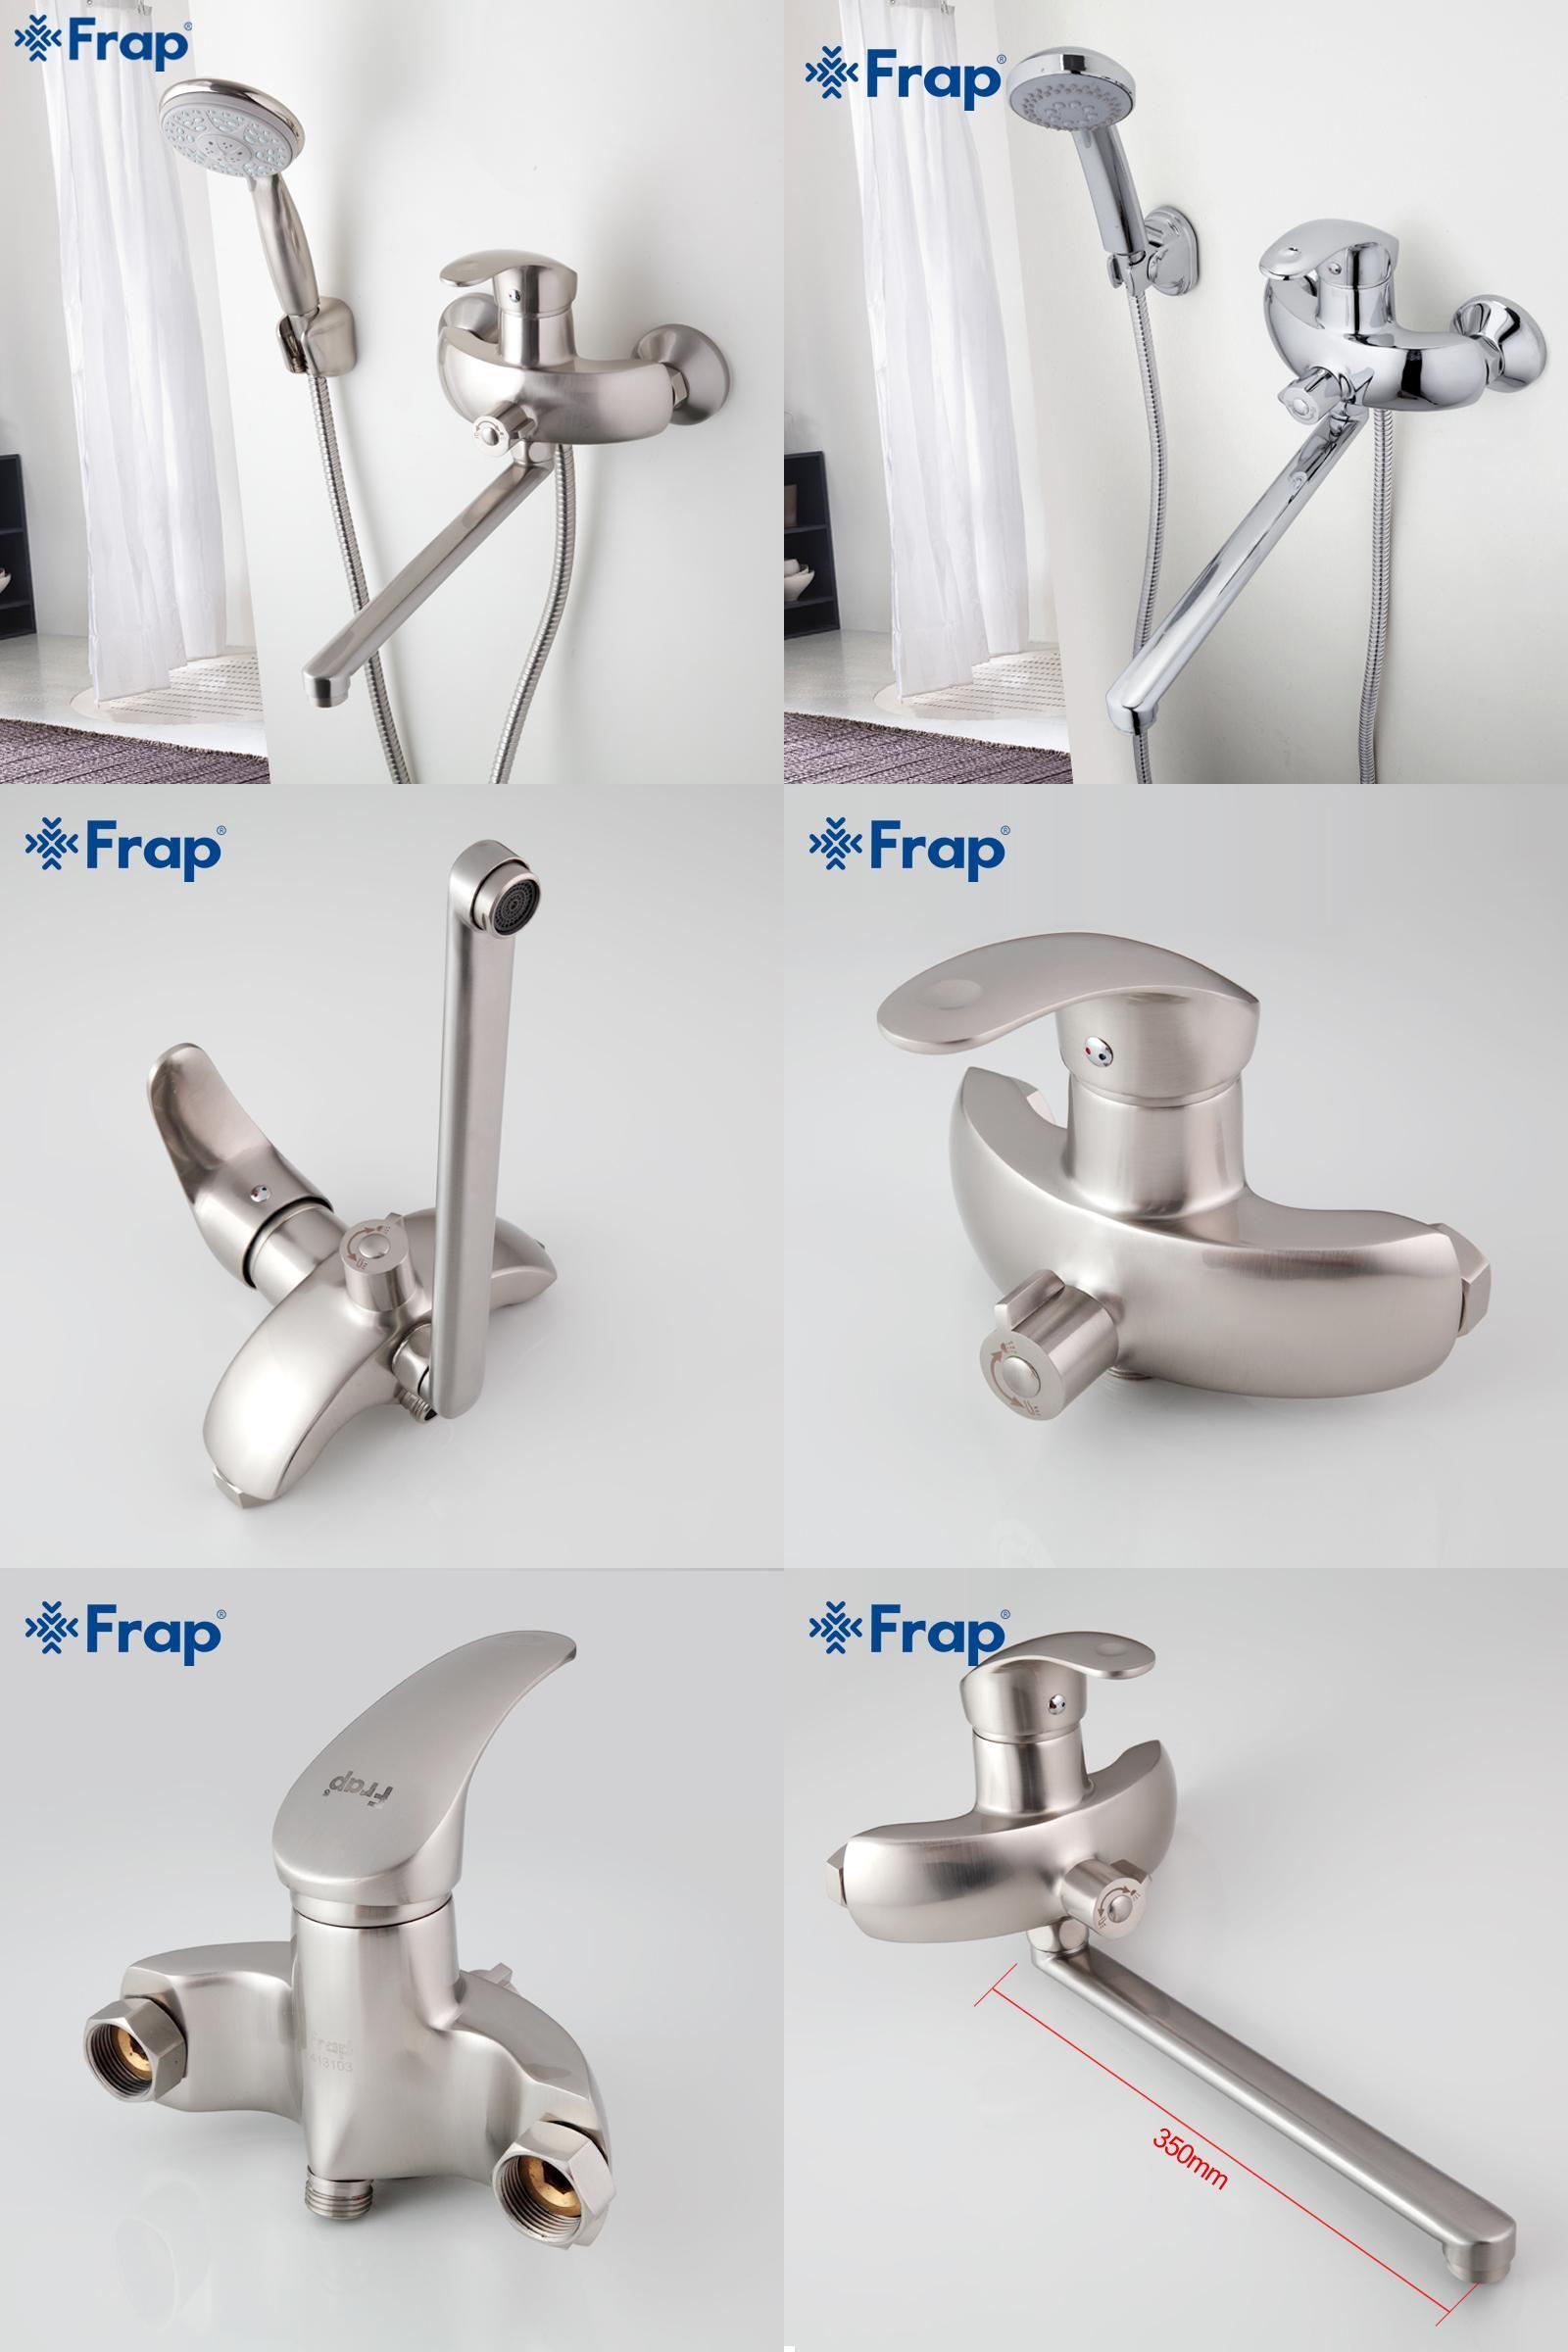 Visit To Buy Frap Nickel Brushed Bathroom Shower Faucet Brass